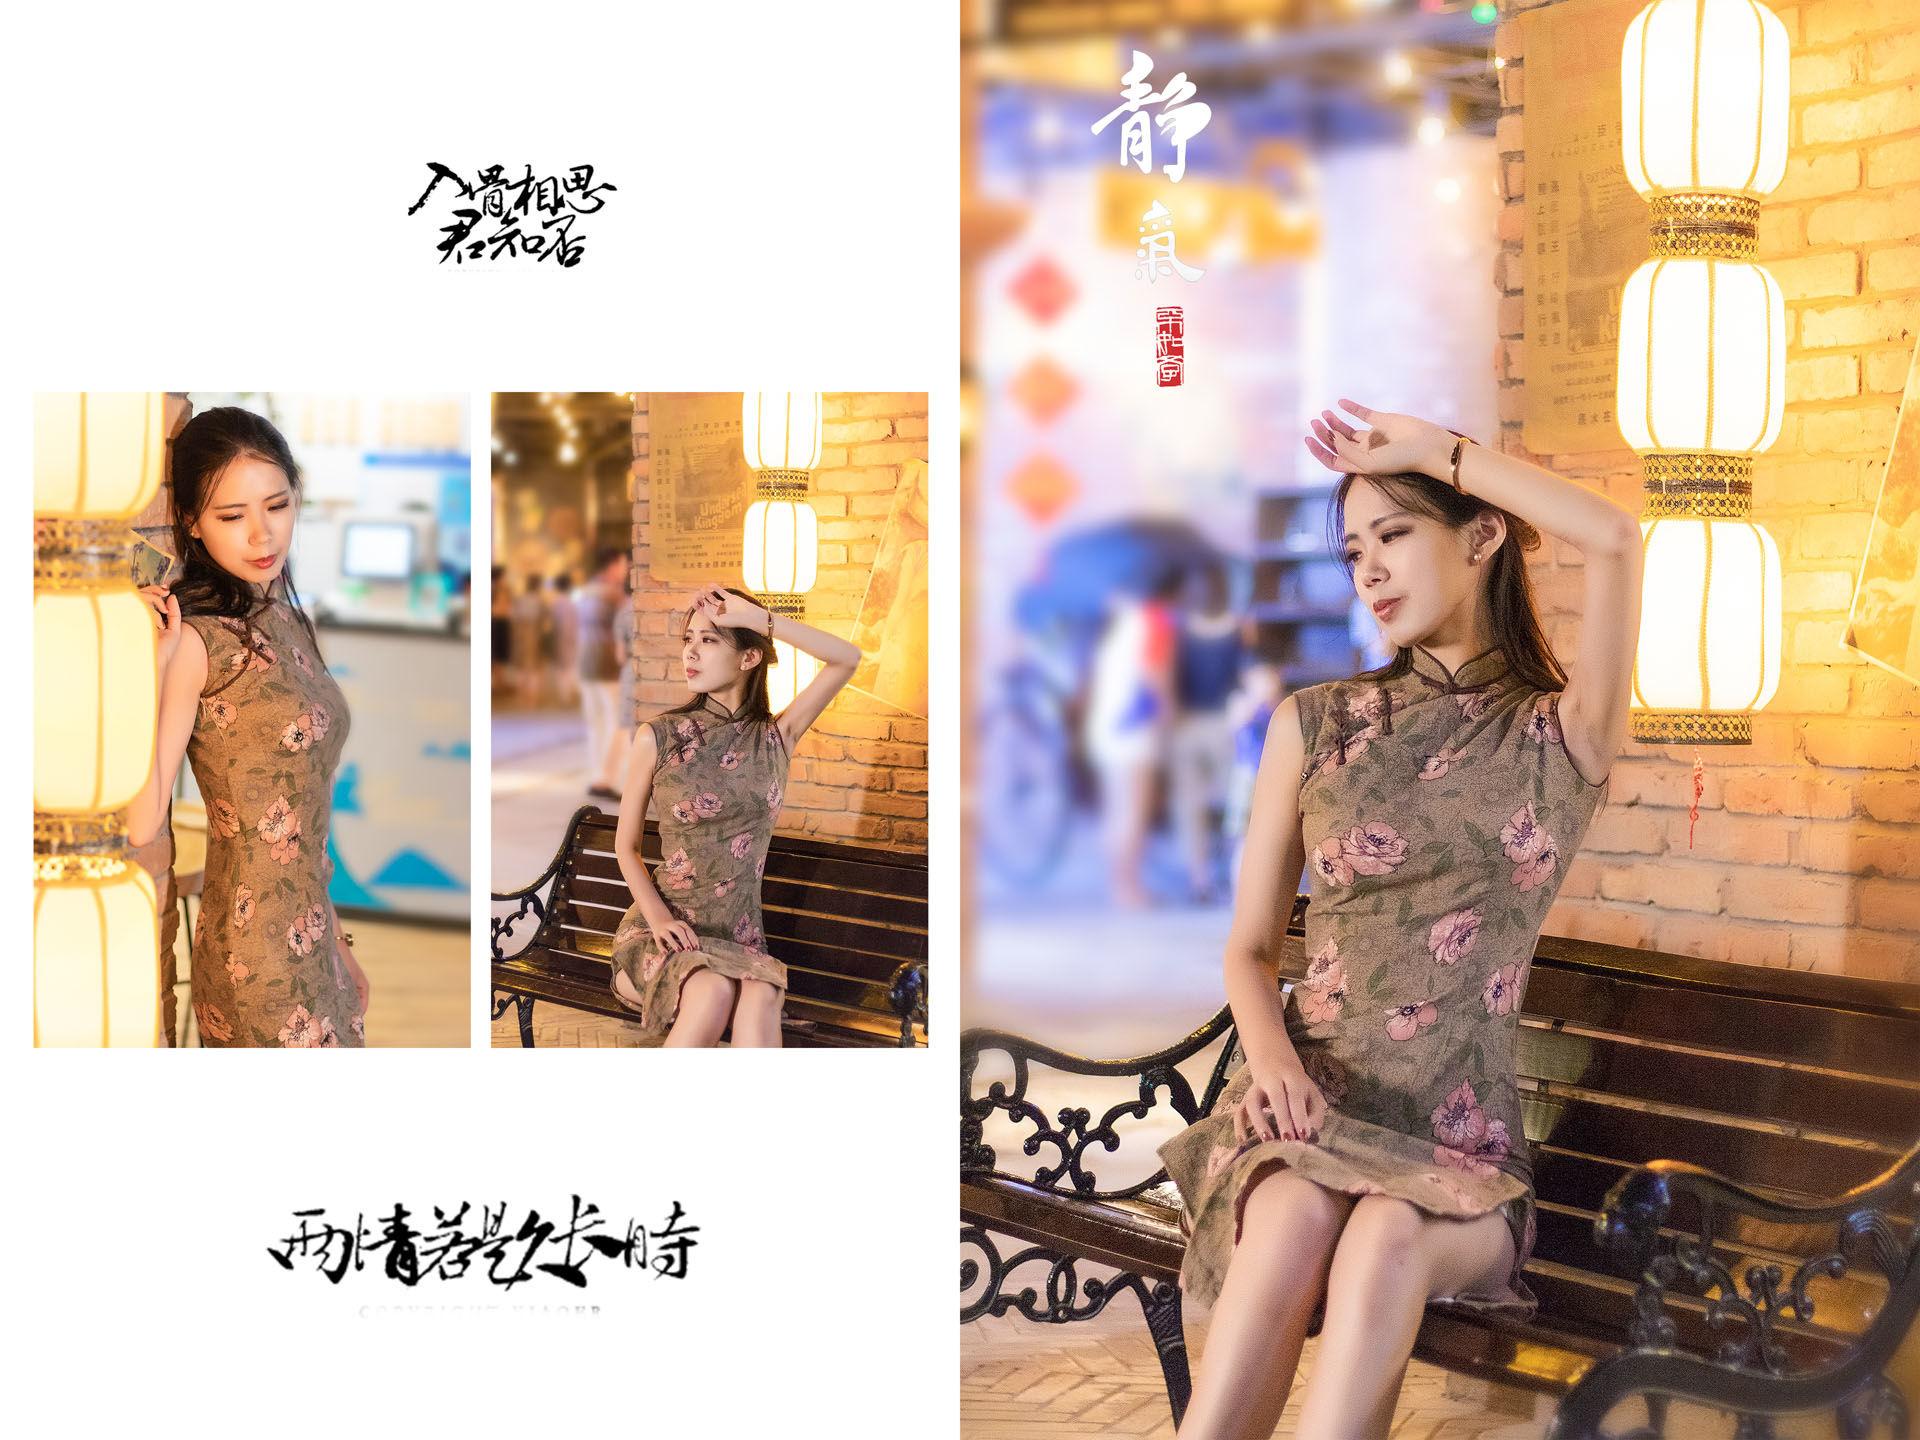 2018-08-09 世纪汇广场地下二层 老上海场景 偏复古风_摄影师晦恩的返片